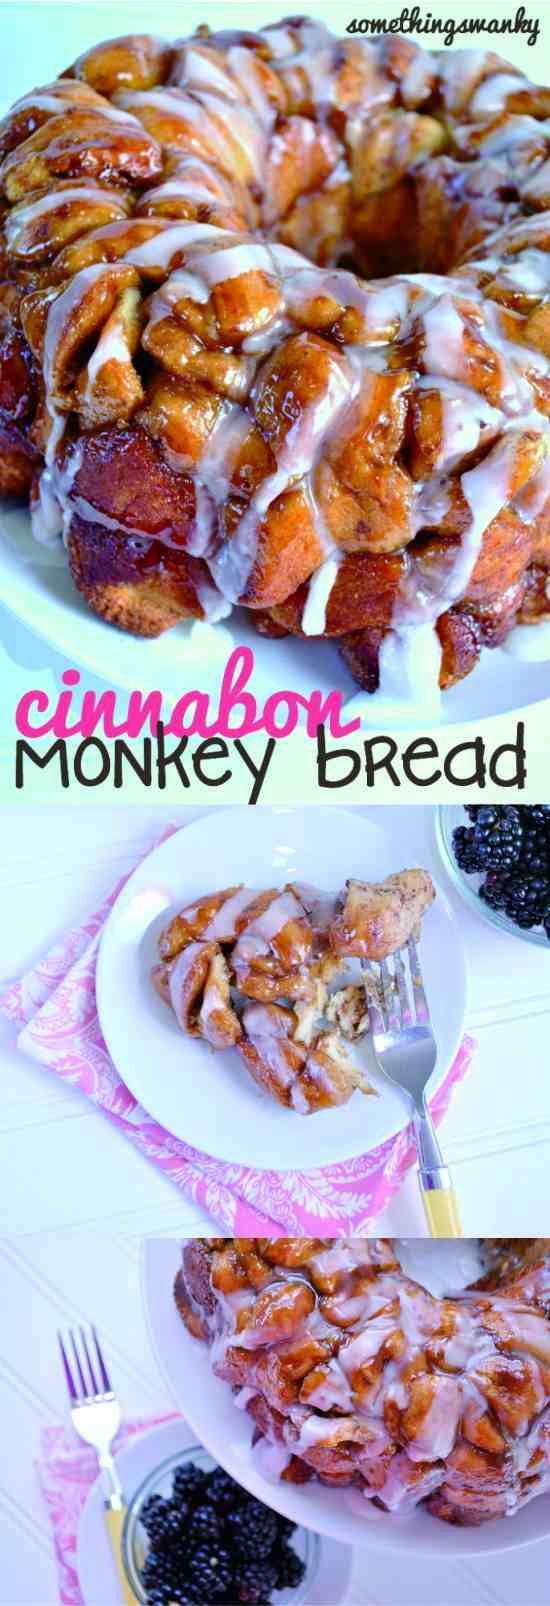 Easy Cinnabon Monkey Bread